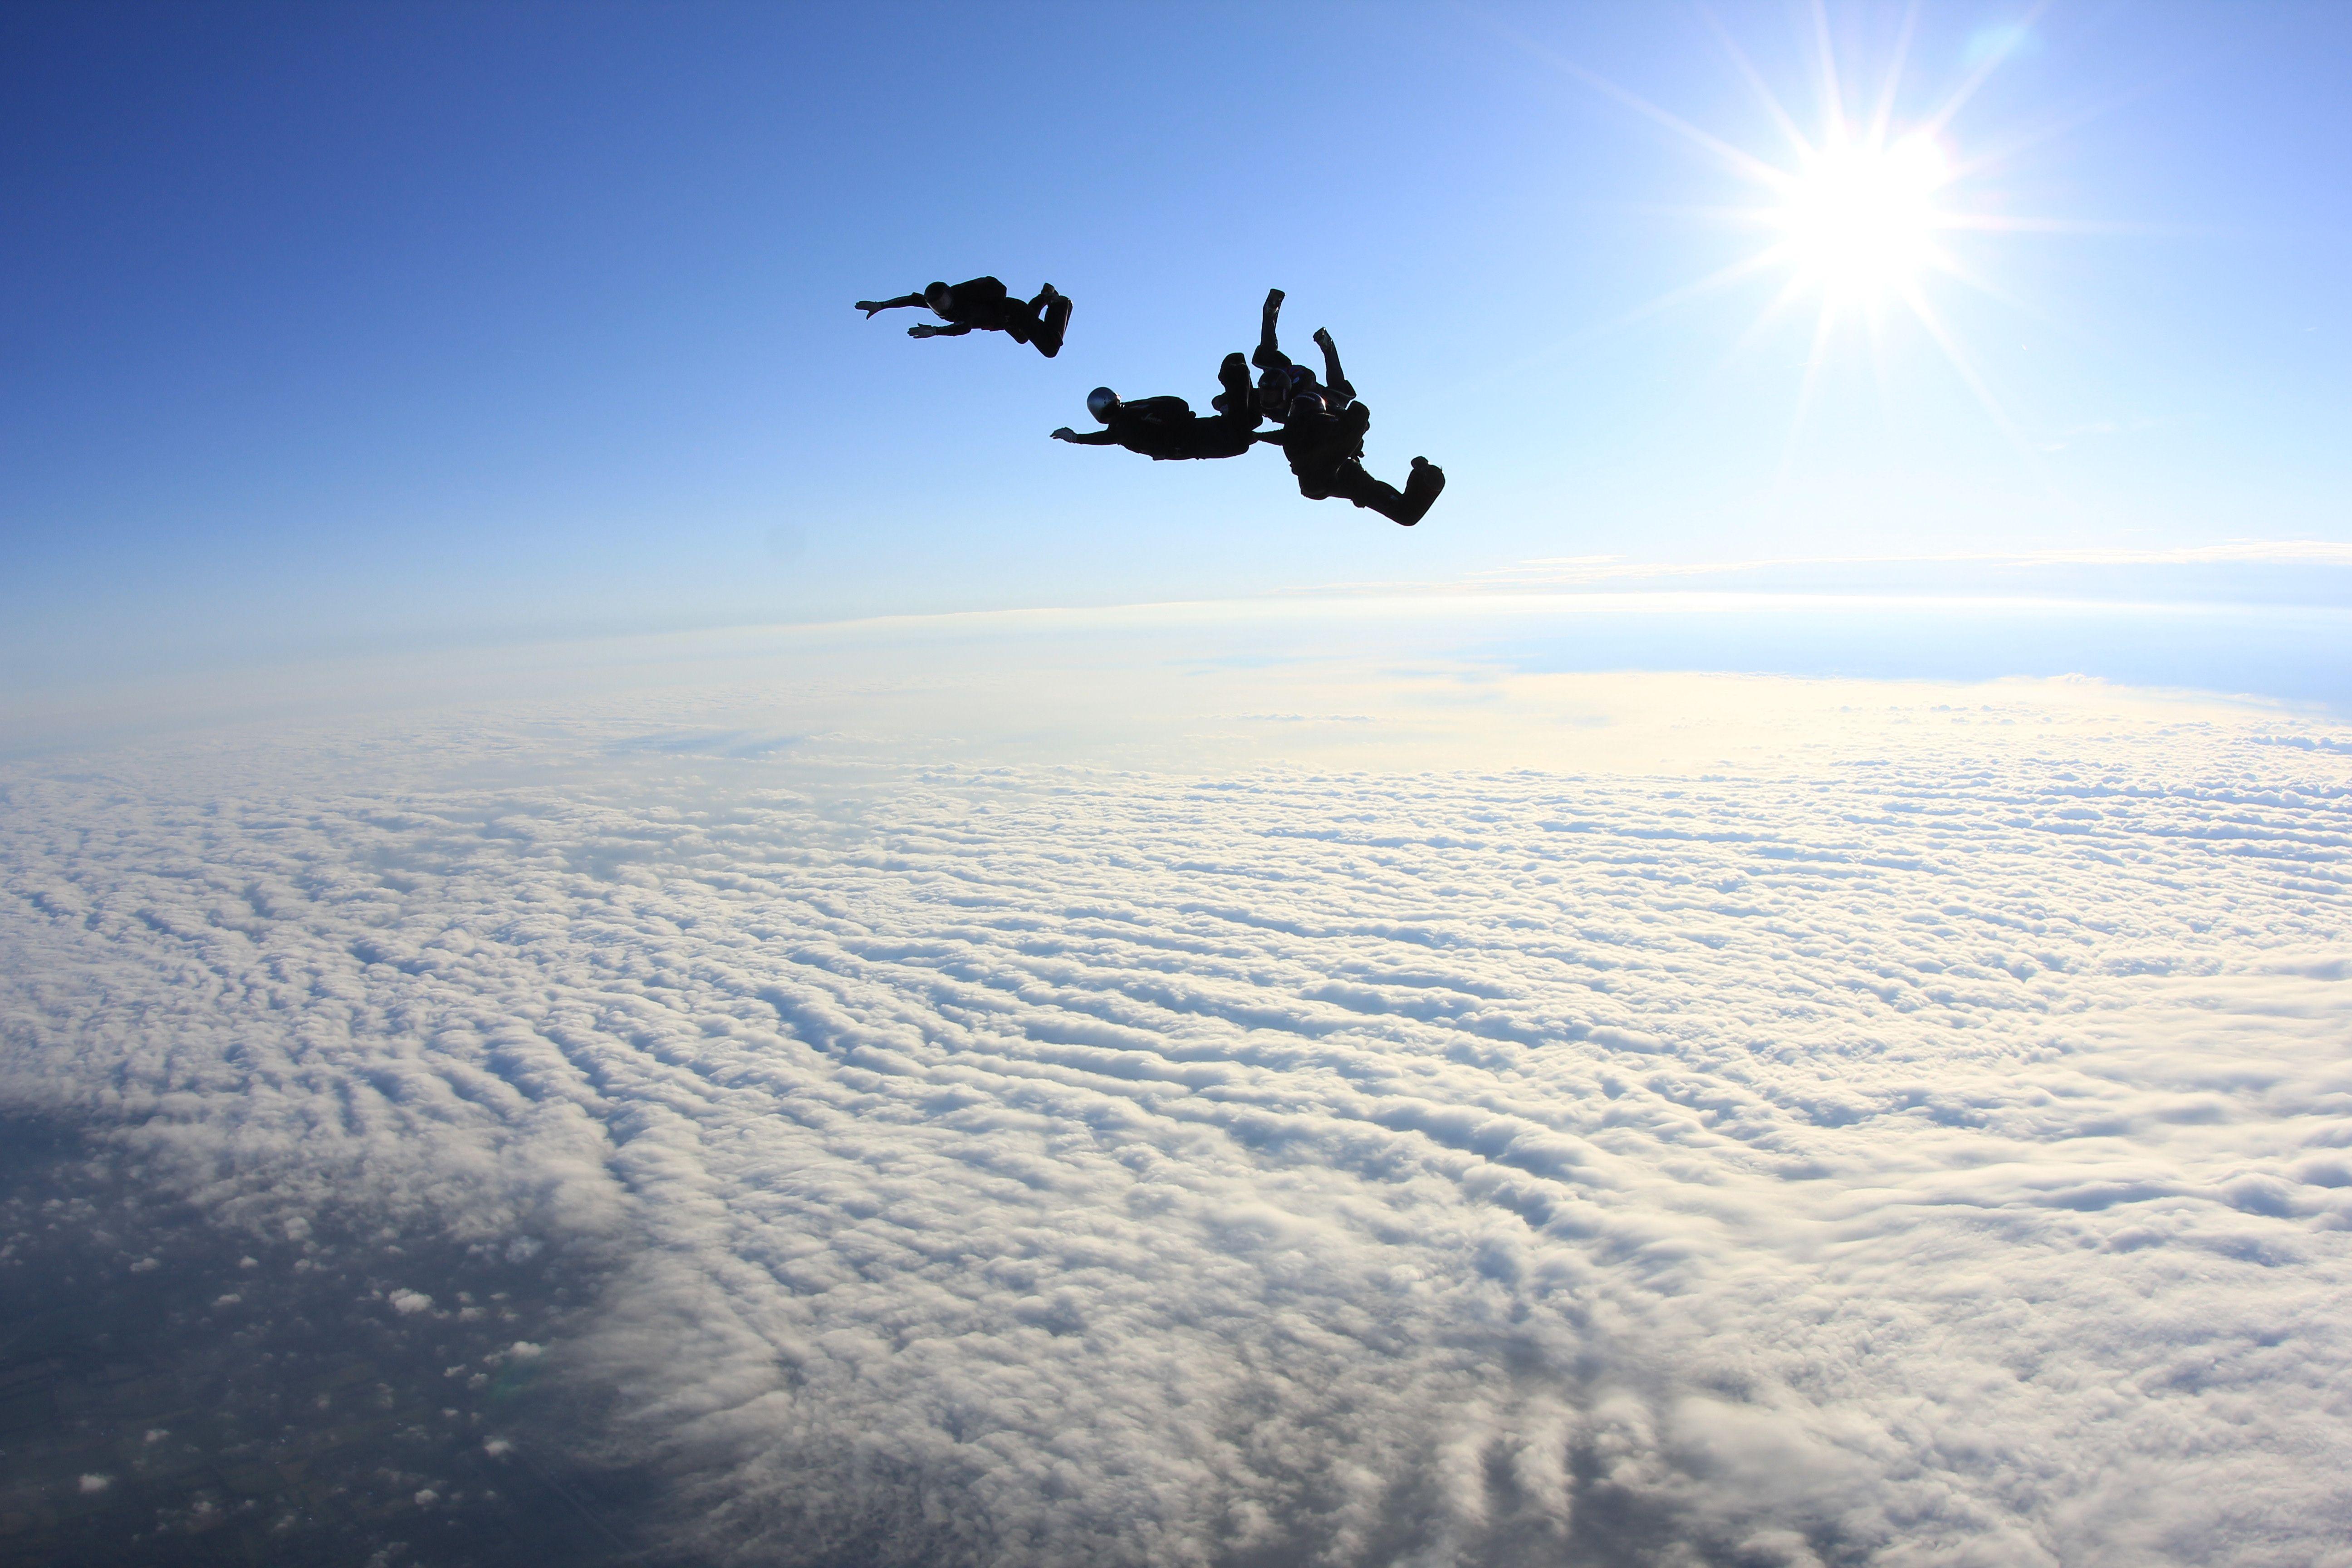 Salto Paracaidas con mar de nubes | Paracaidismo | Pinterest ...